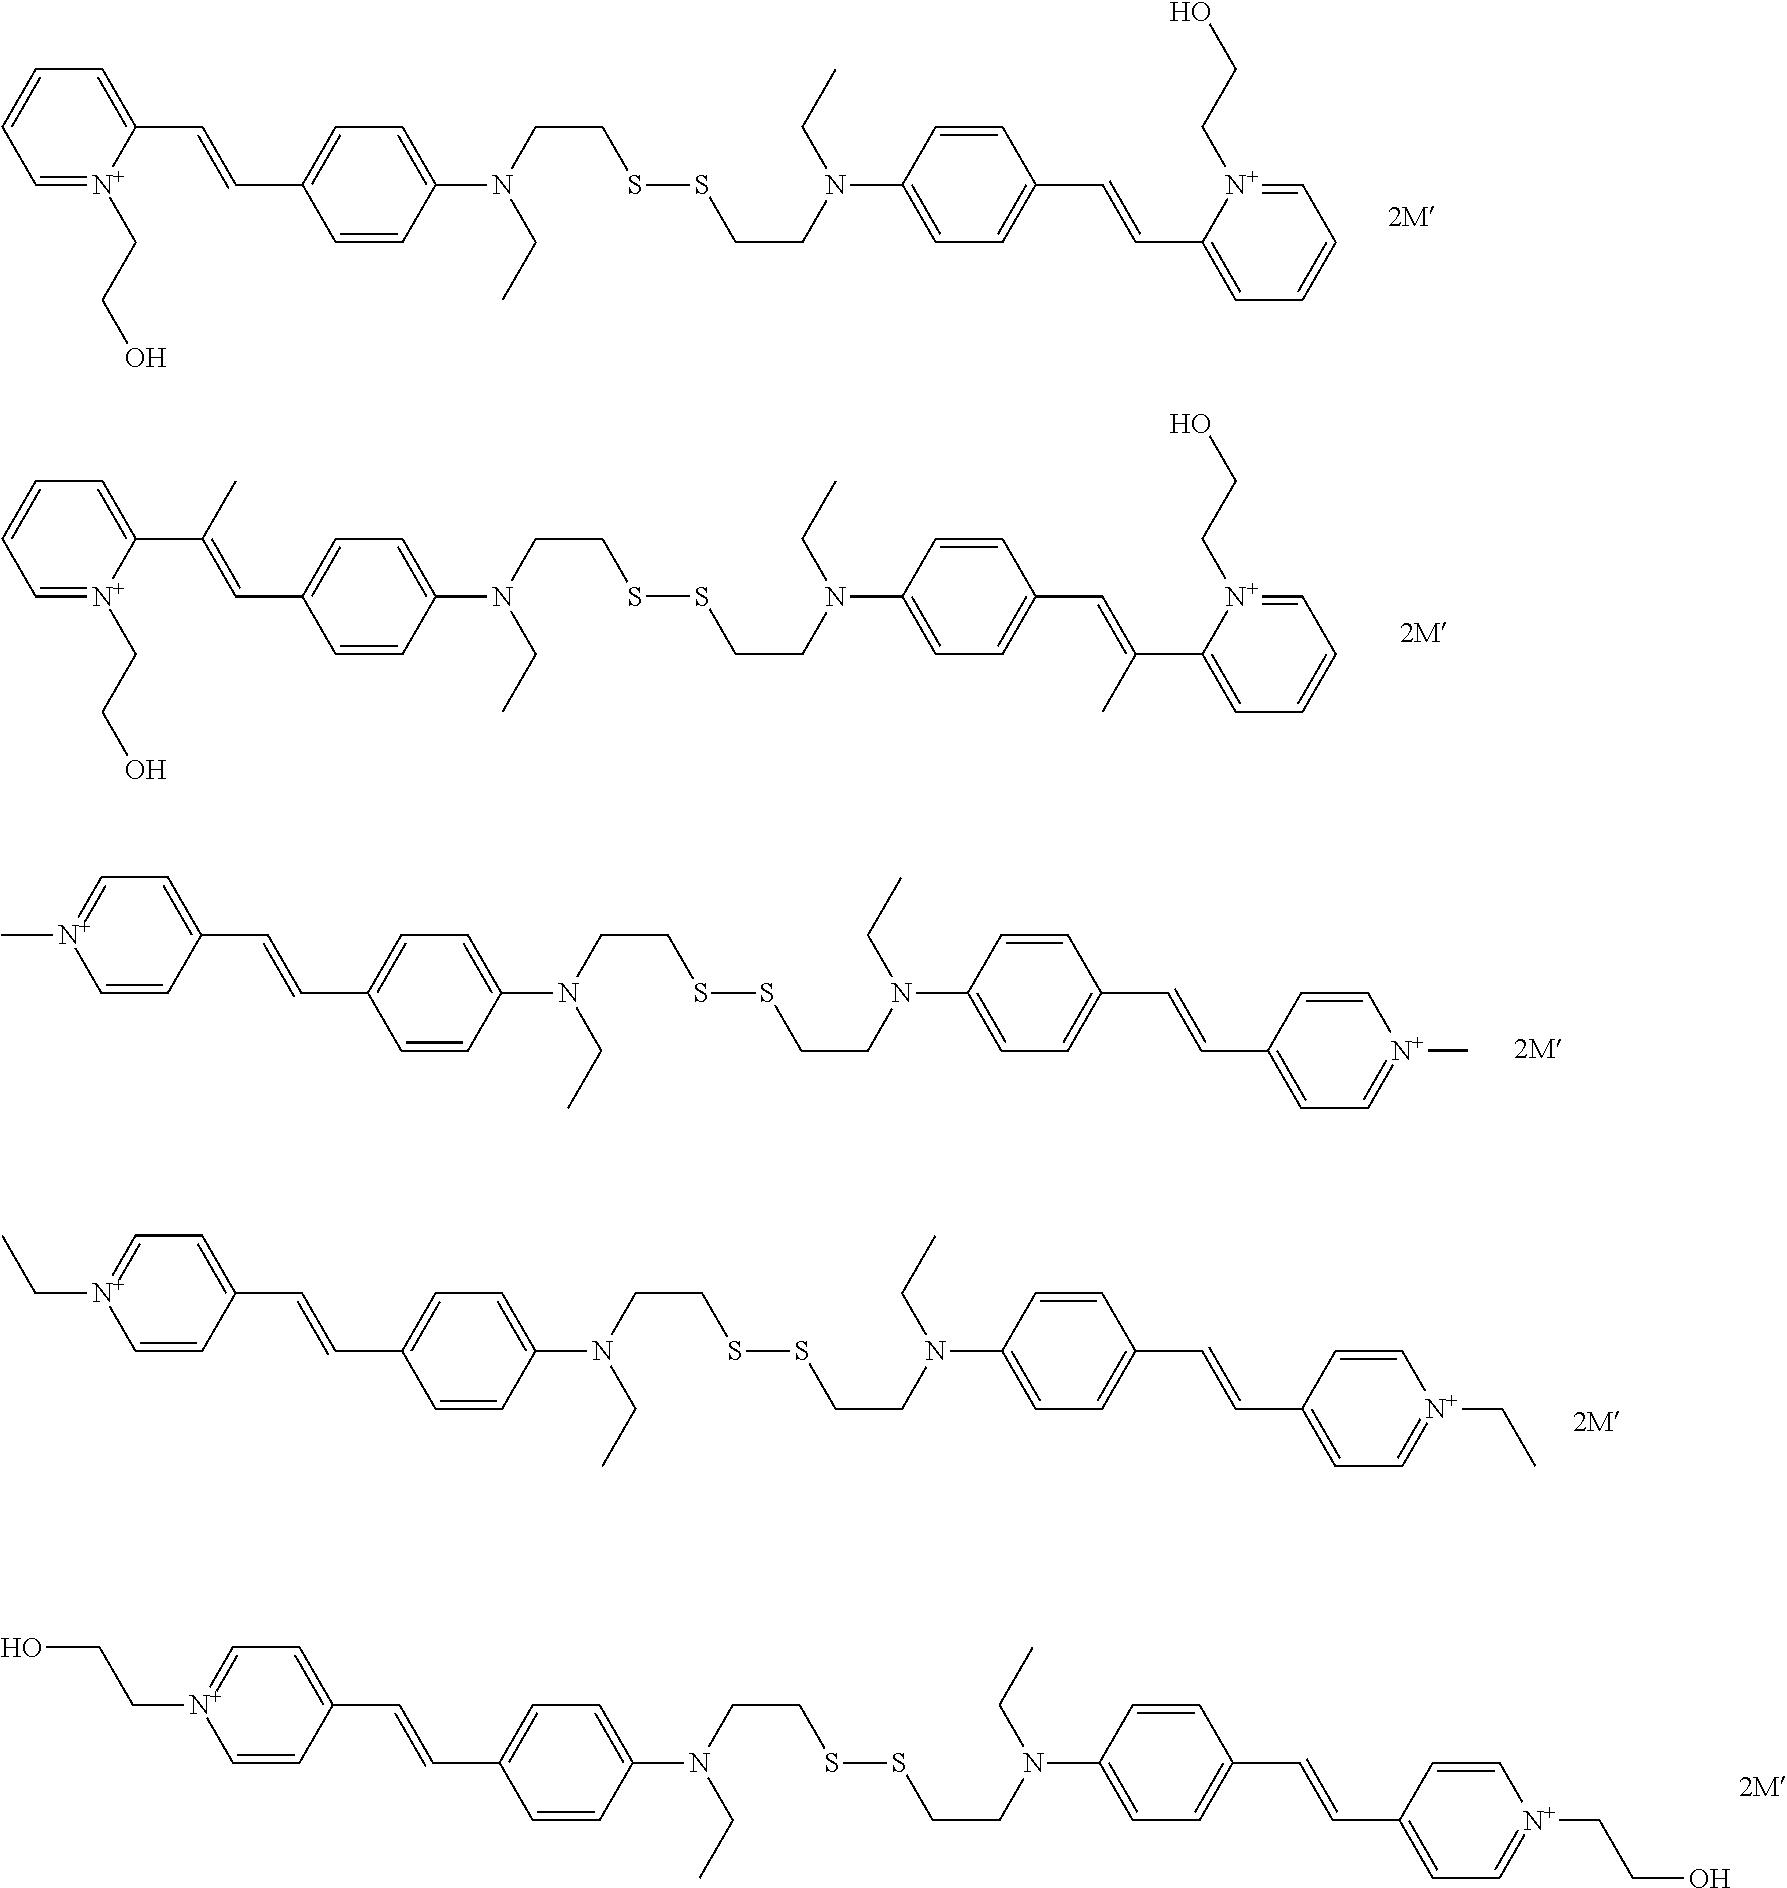 Figure US08685114-20140401-C00012